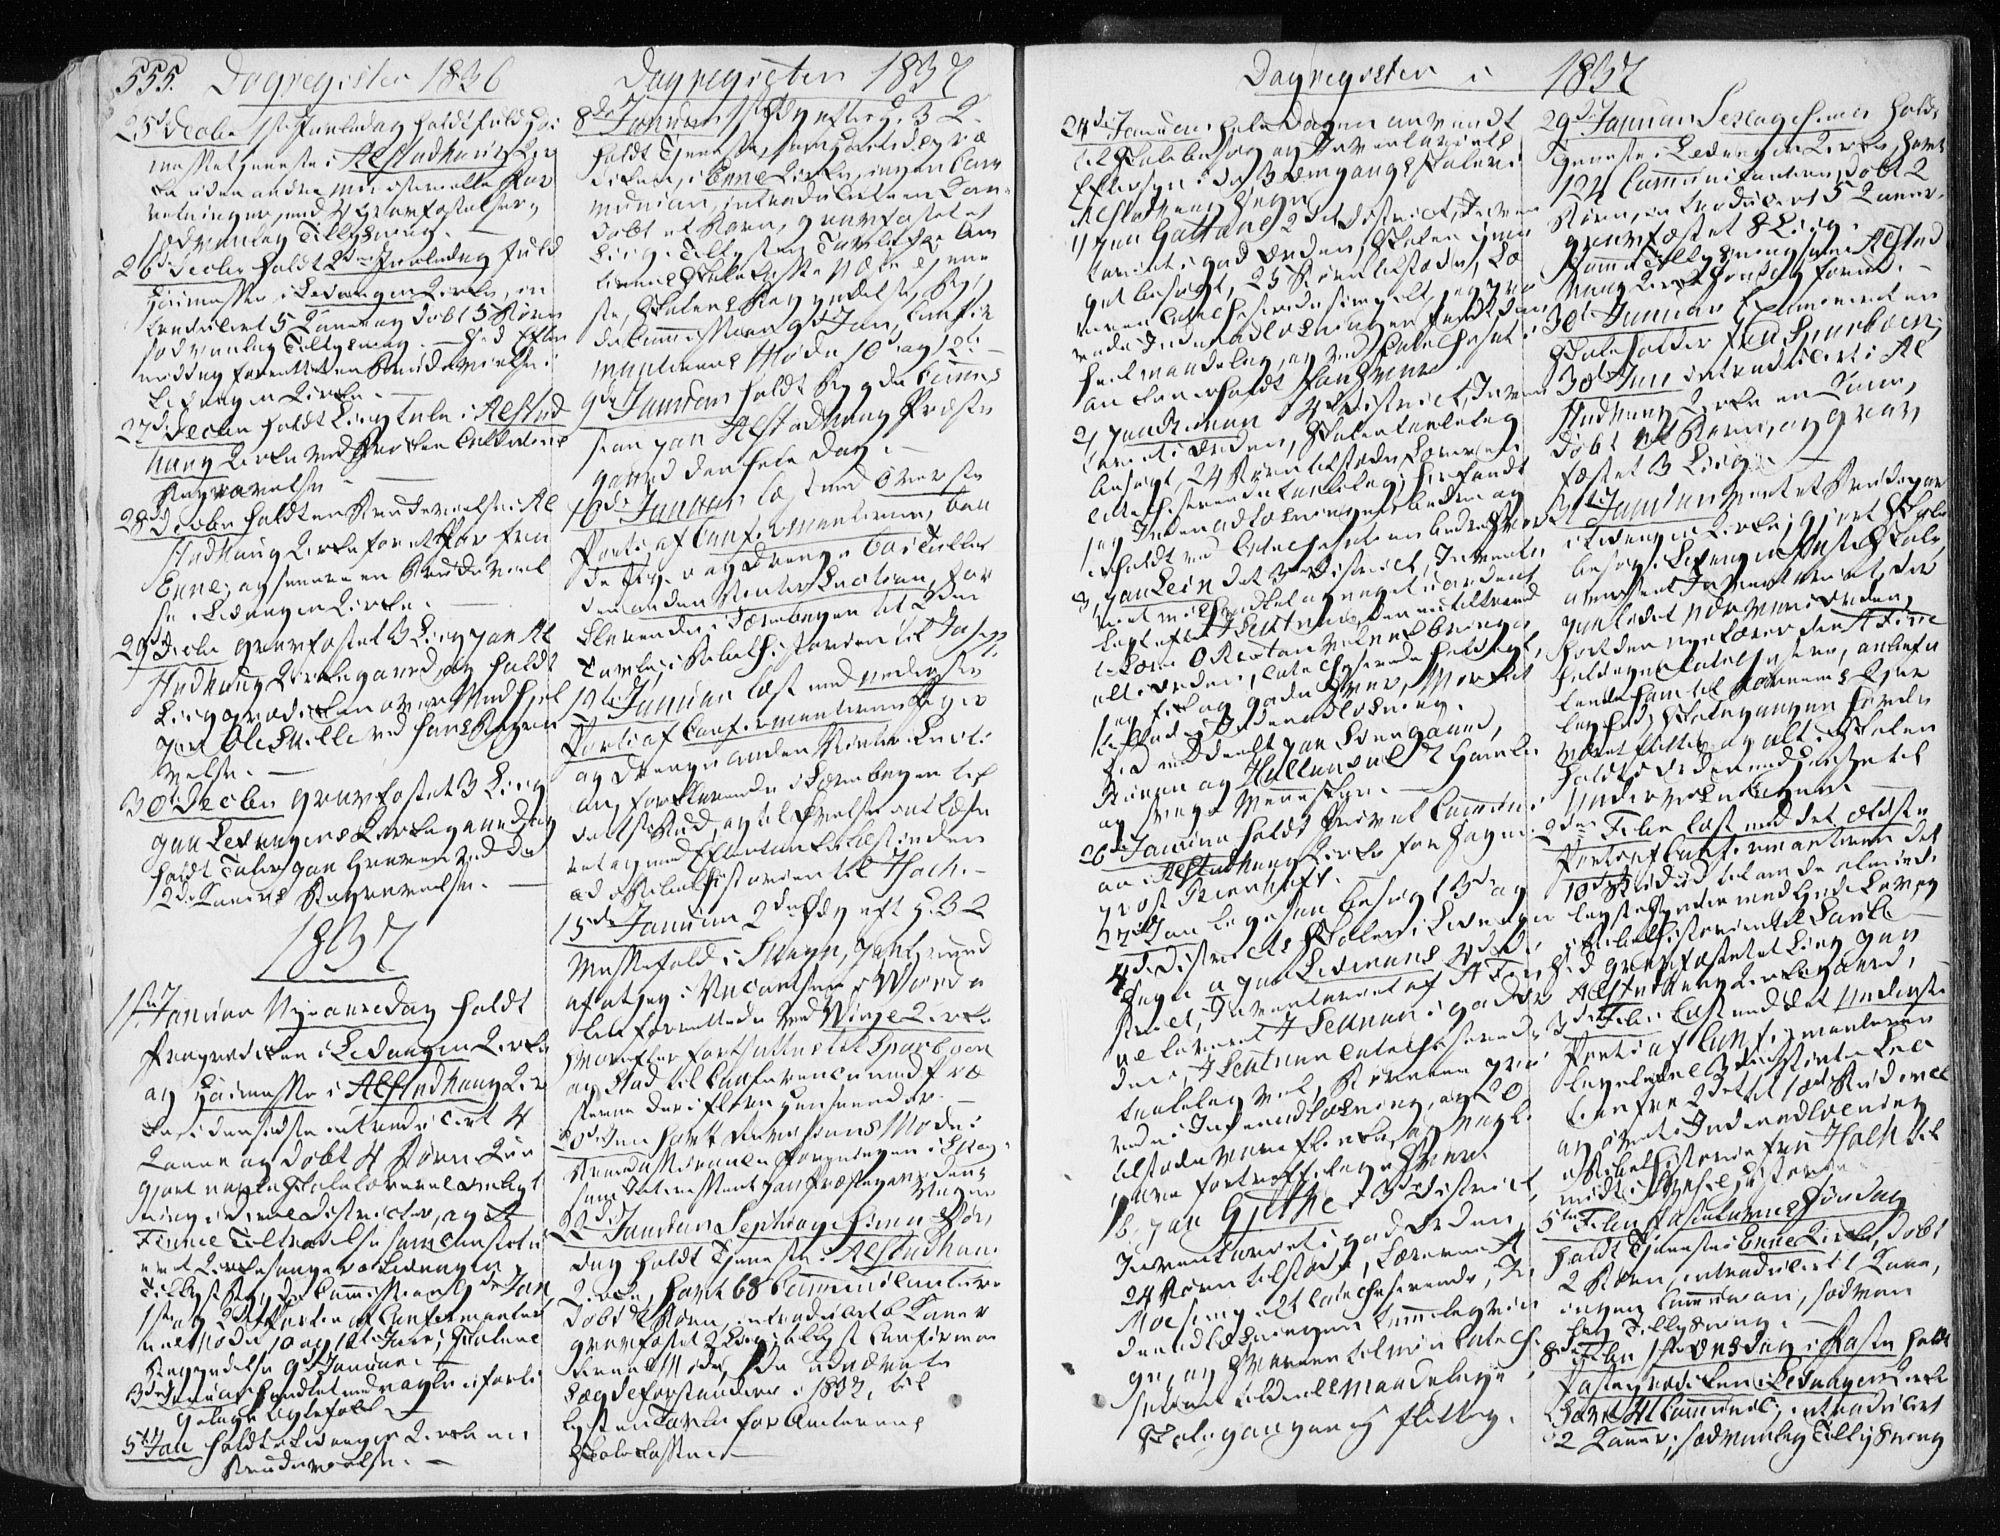 SAT, Ministerialprotokoller, klokkerbøker og fødselsregistre - Nord-Trøndelag, 717/L0154: Ministerialbok nr. 717A06 /1, 1836-1849, s. 555